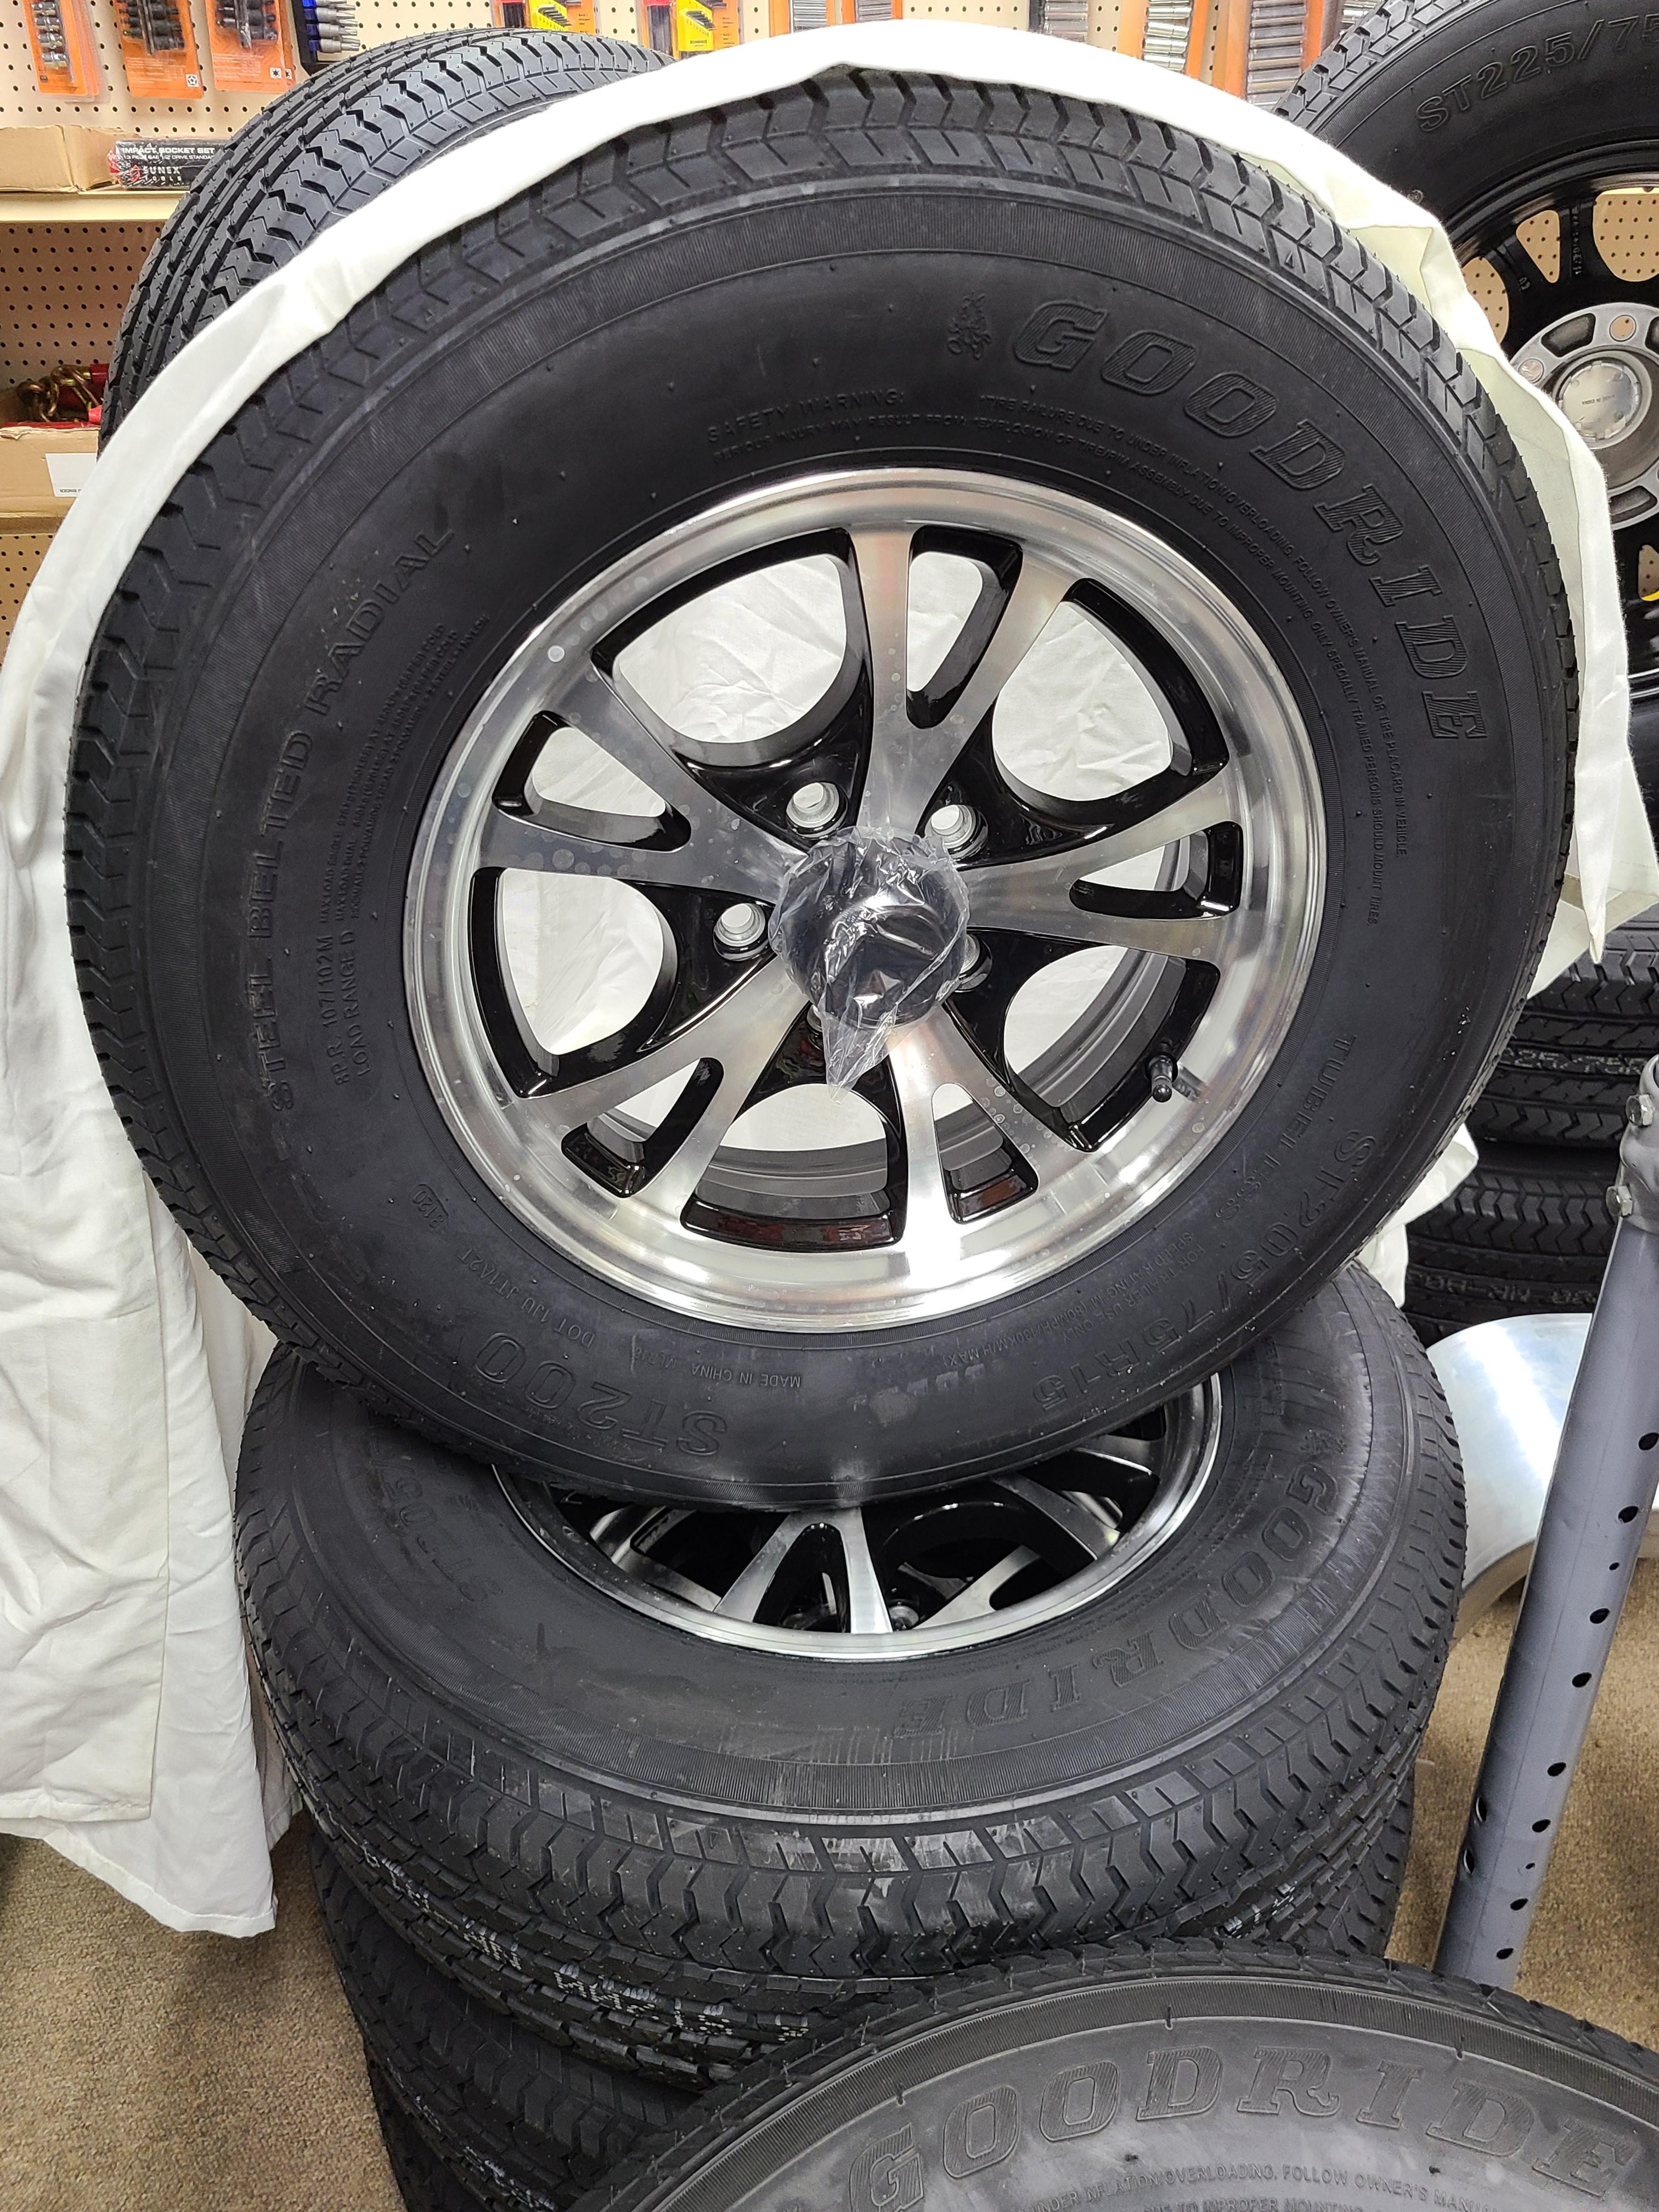 ST205/75/R15 Trailer Wheel/Radial Tire (Set of 4)